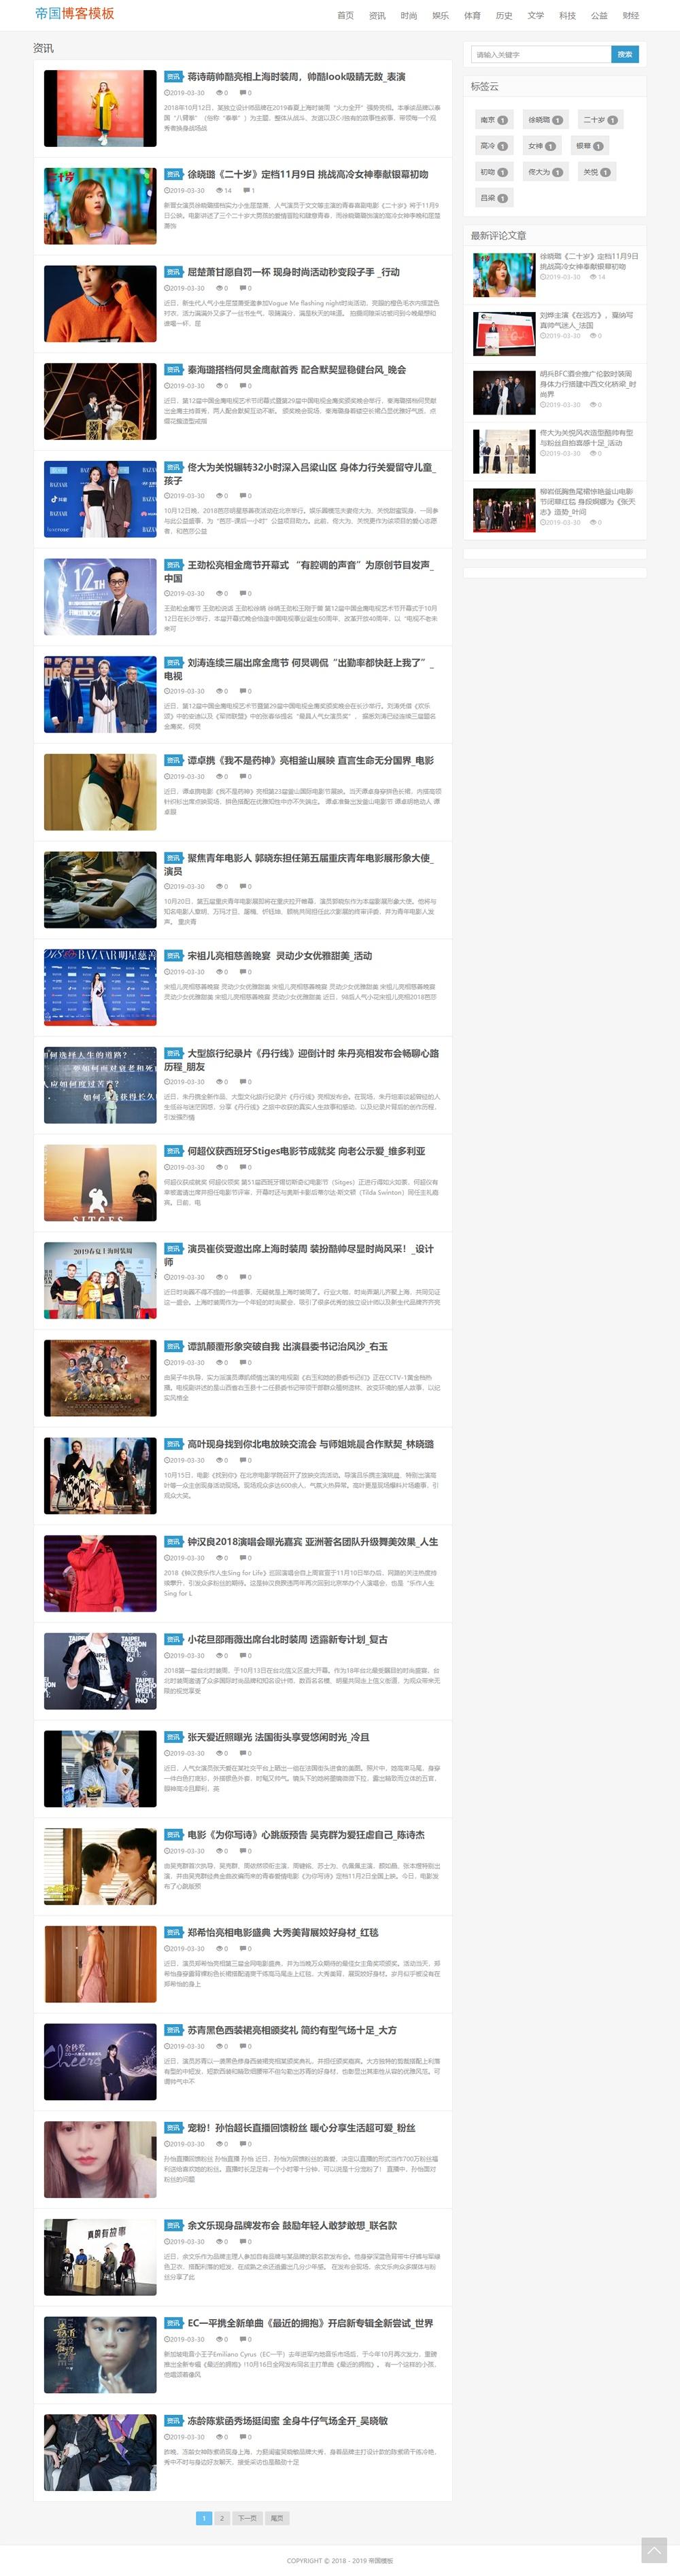 帝国cms博客模板之自适应响应式手机新闻资讯文章自媒体类通用网站模板_列表页